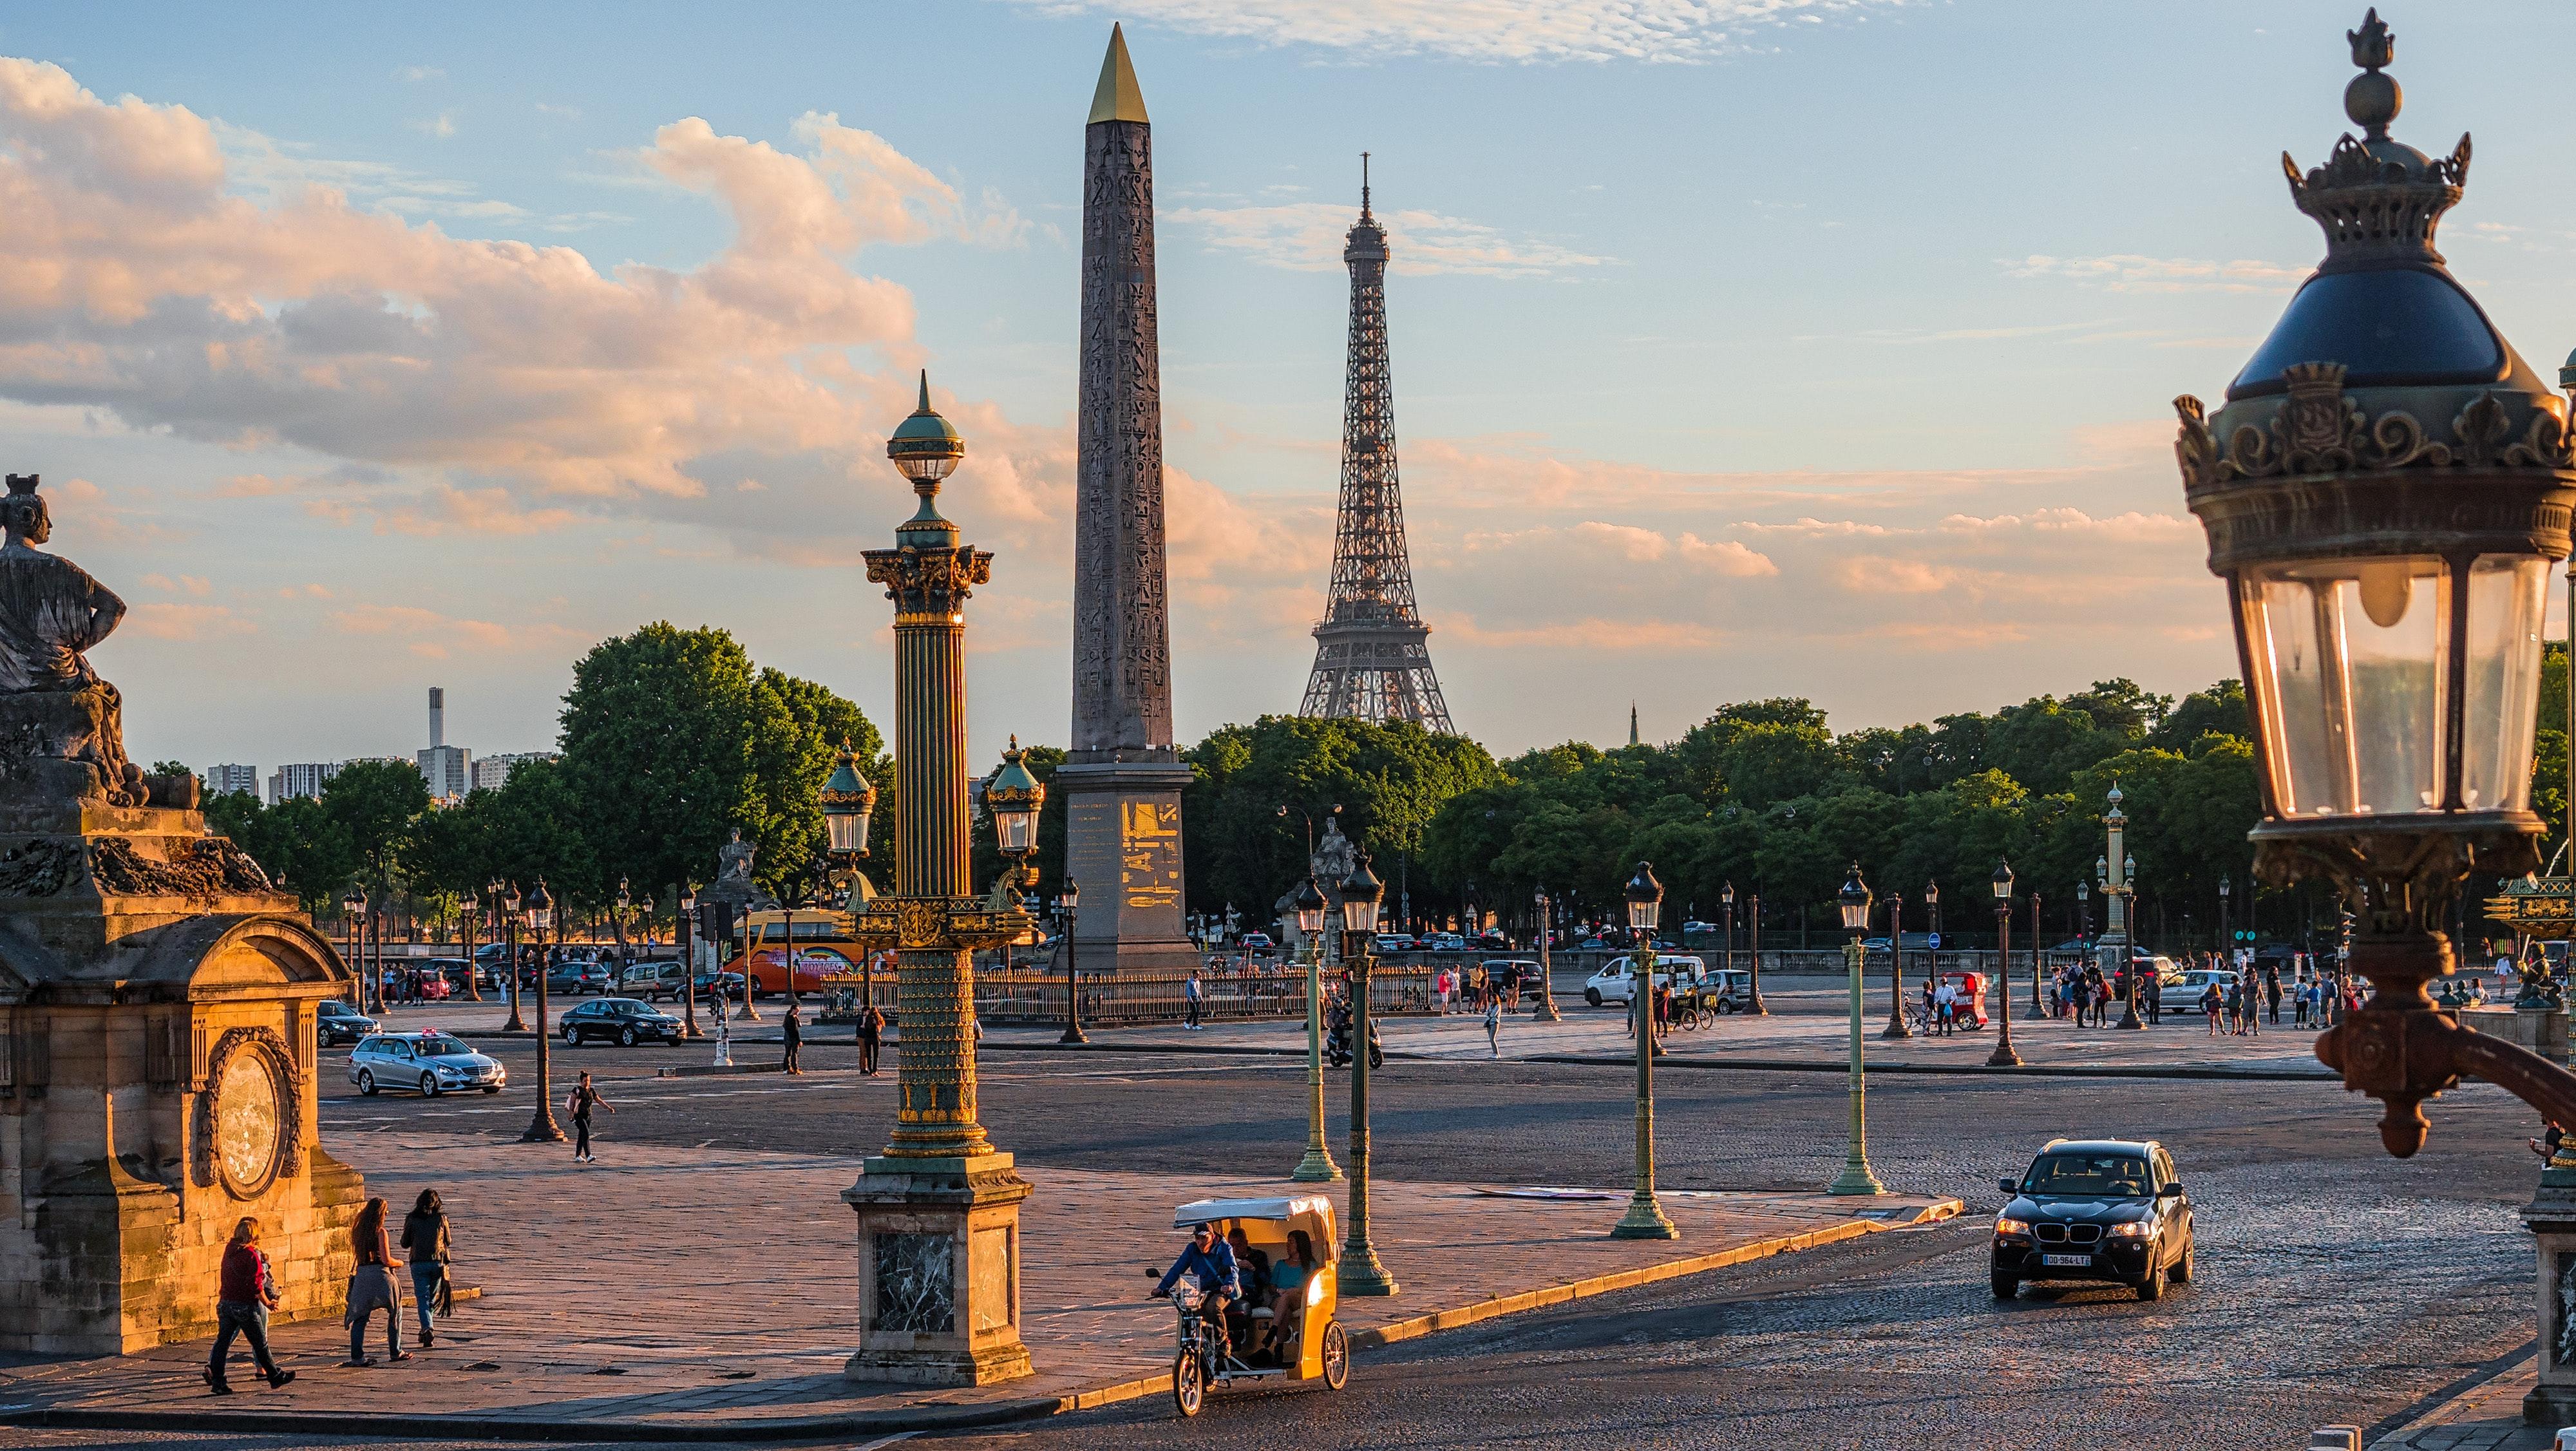 Vista da Praça da Concórdia, em Paris: reforma começará pela região. Foto: Lei Coreographes/Unsplash.